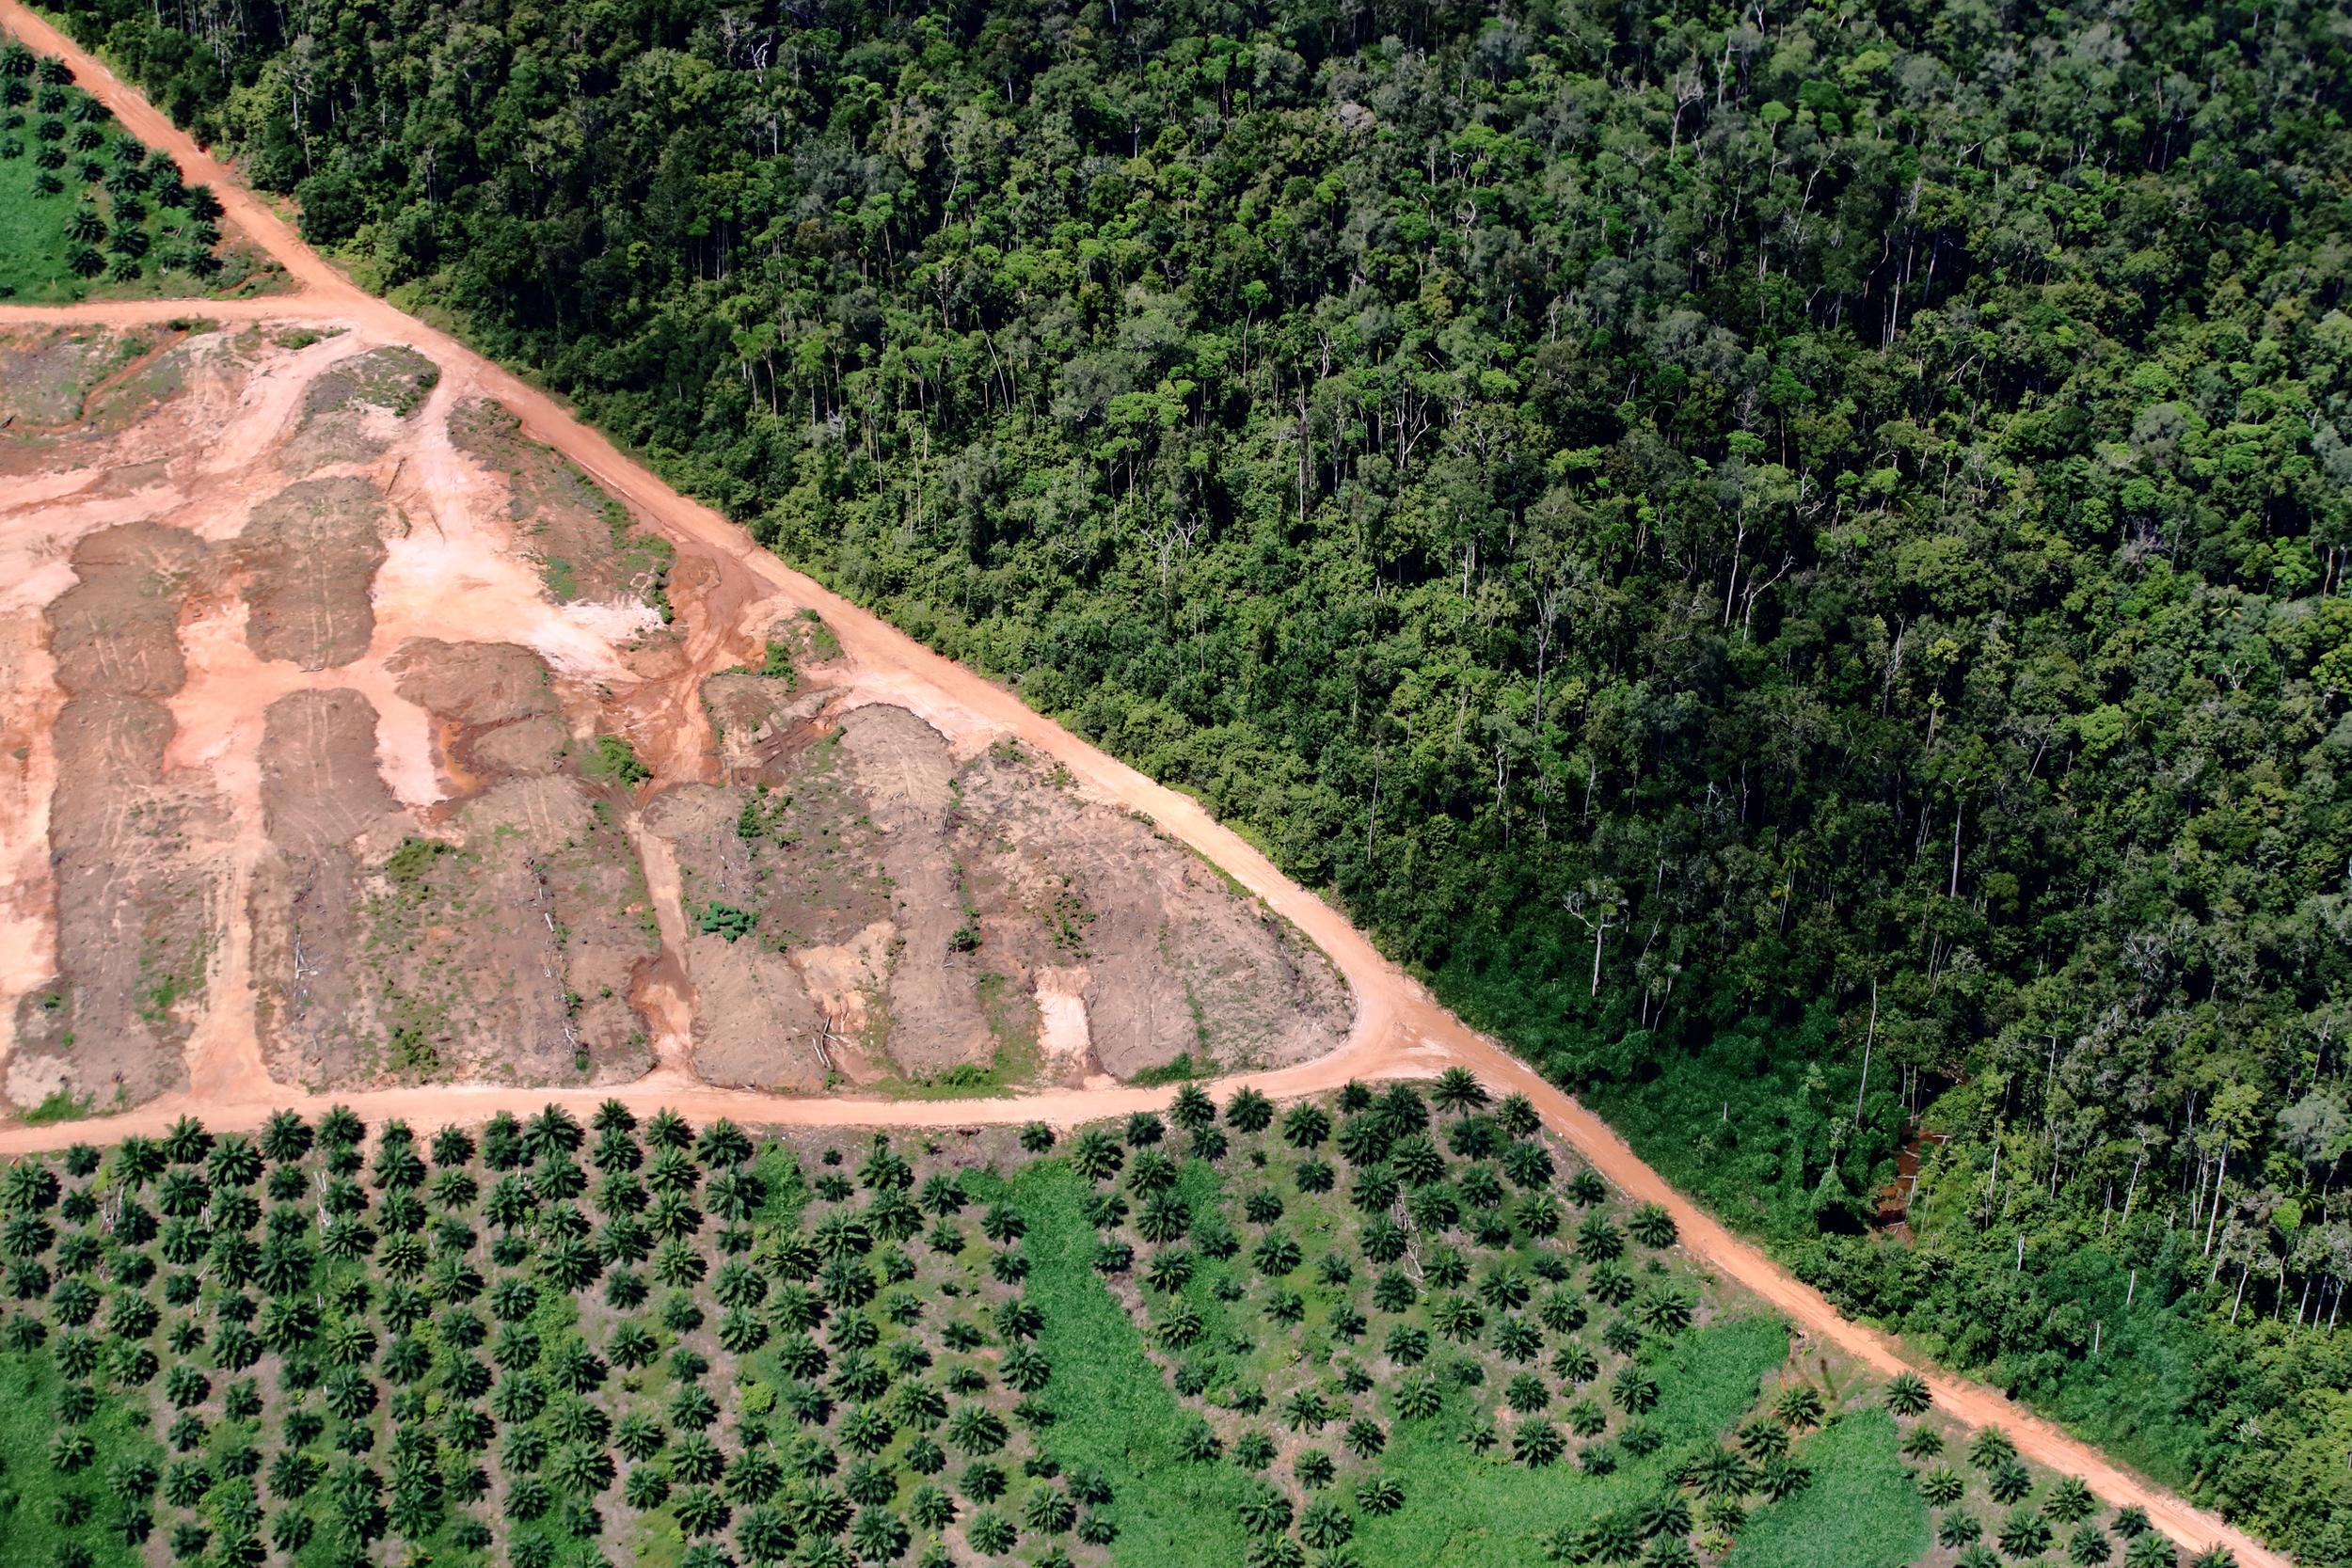 取得許可證的企業在清除森林後,將土地作為油棕櫚種植園,從中牟取巨大利益,經綠色和平調查,其中存在政商勾結之嫌。© Greenpeace